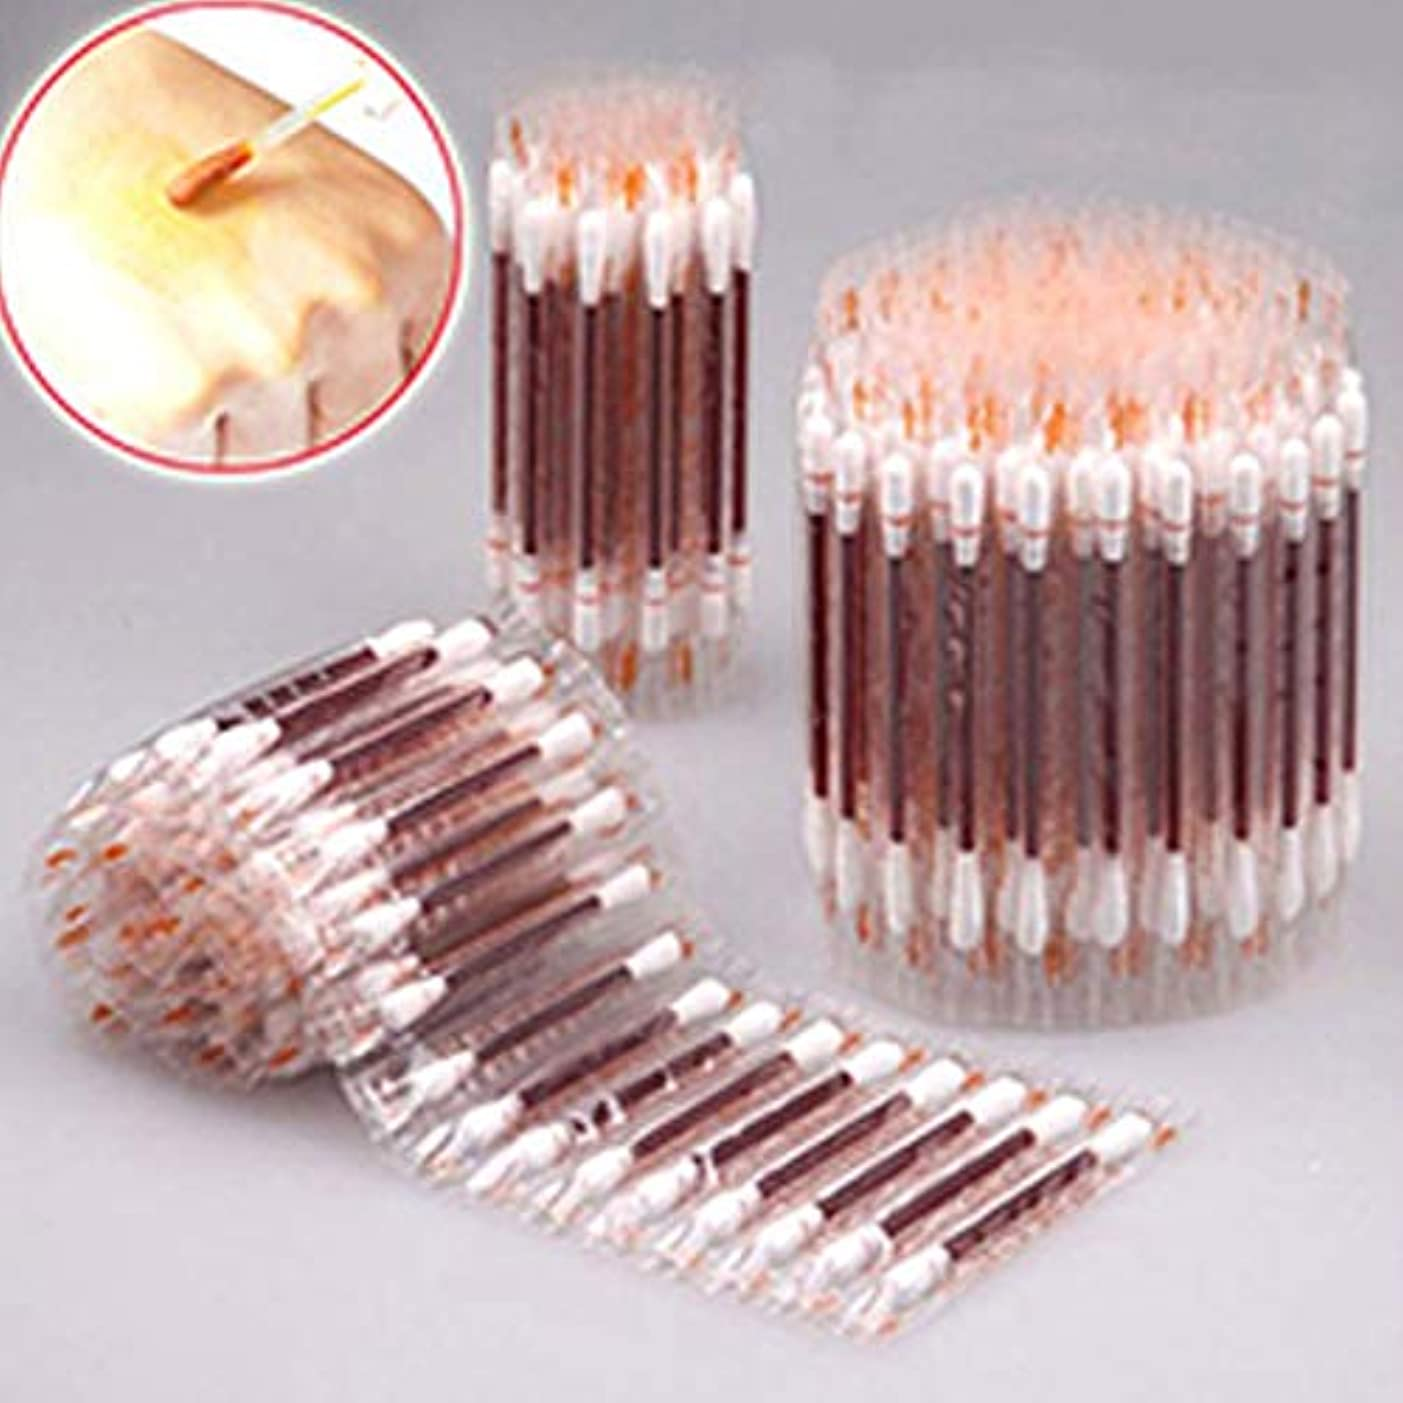 直面するリズミカルな銃Rabugoo 100個綿棒医療用アルコール使い捨て緊急綿棒消毒綿棒